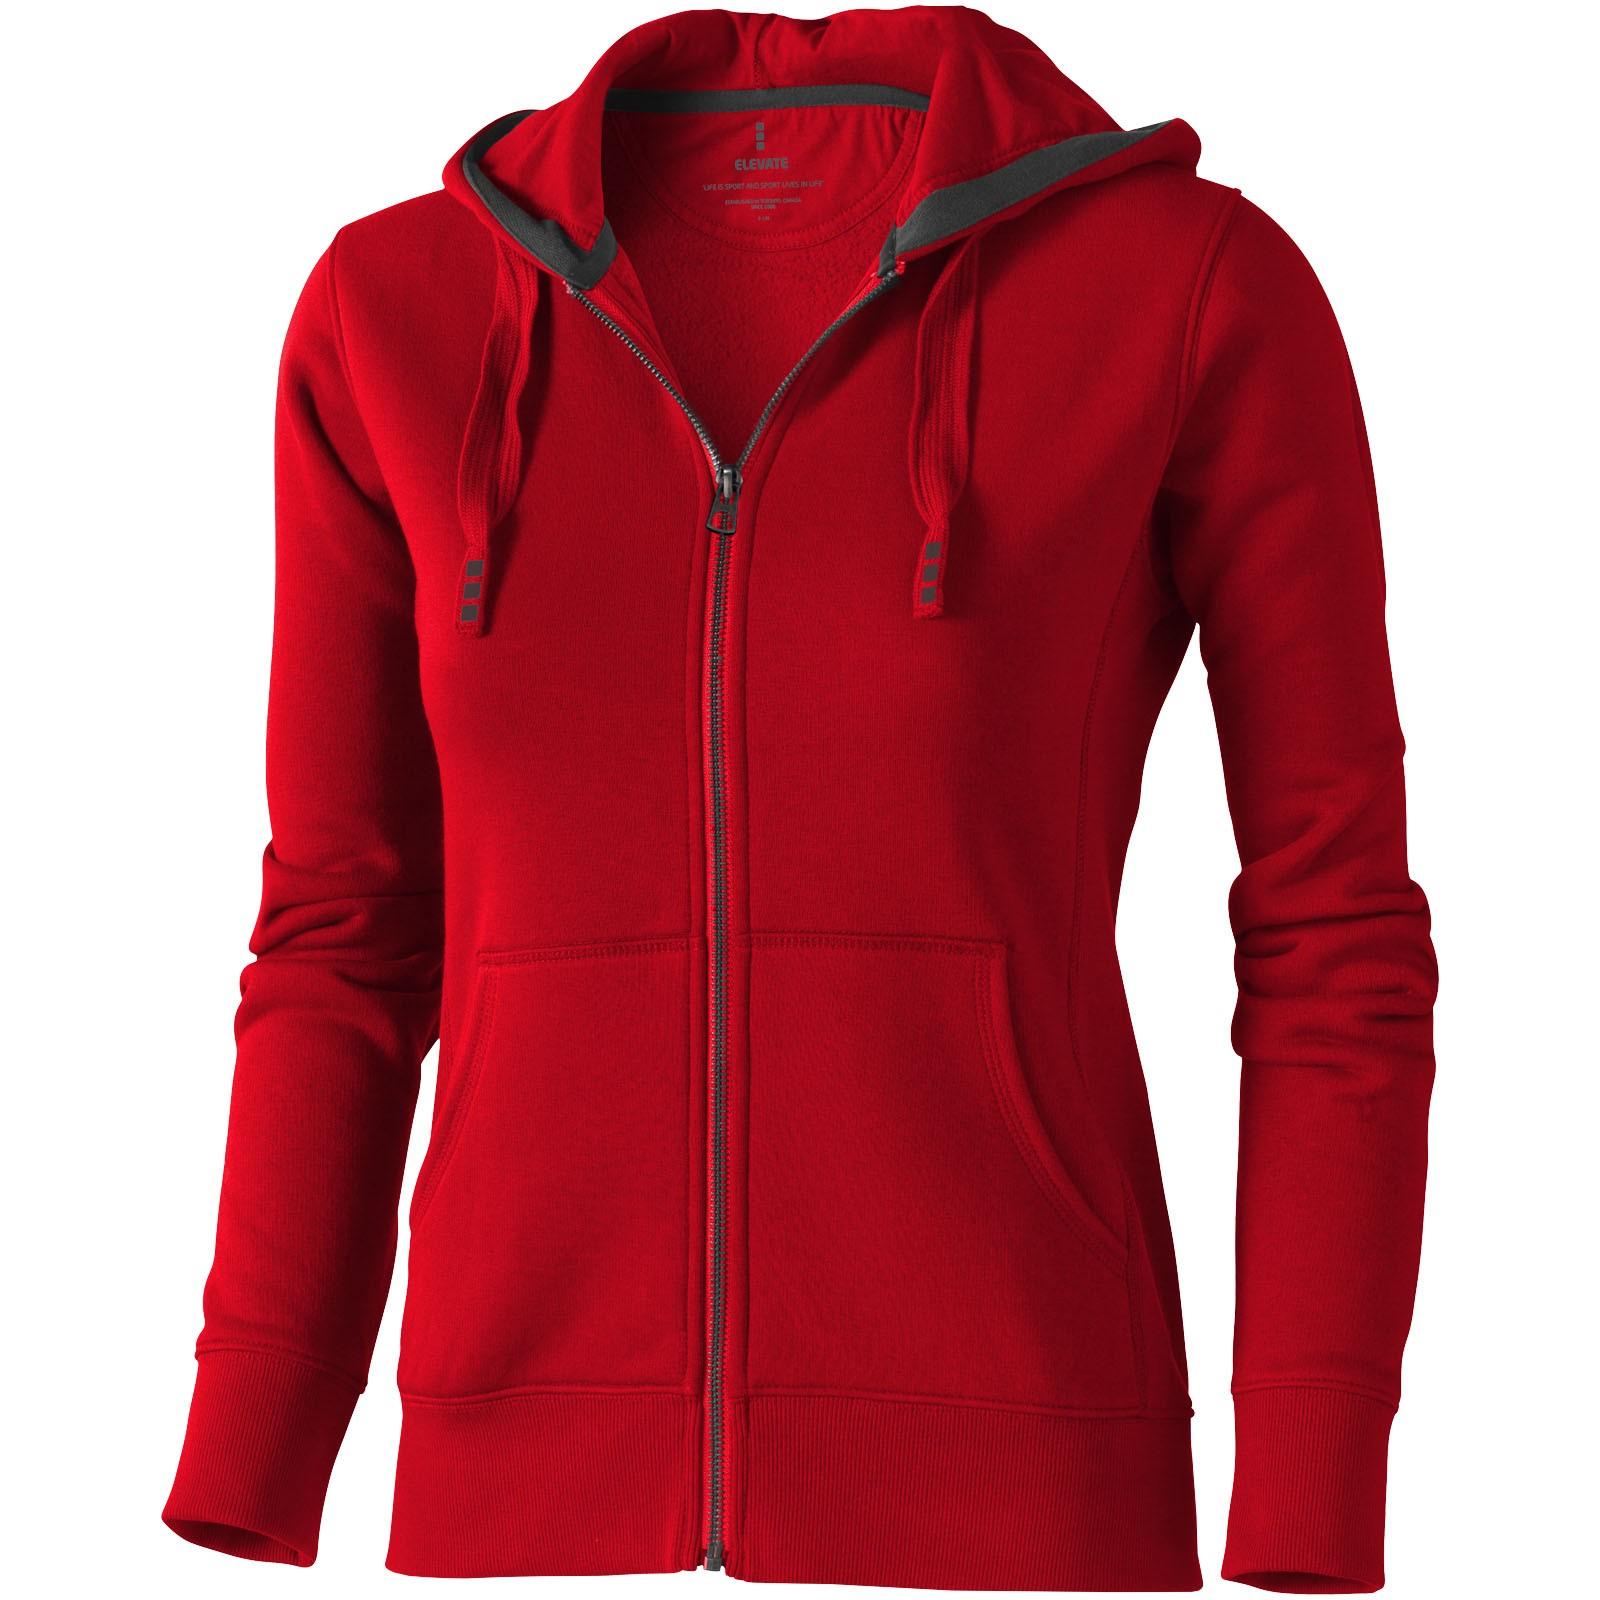 Dámská mikina Arora s kapucí, zip v celé délce - Červená s efektem námrazy / XS